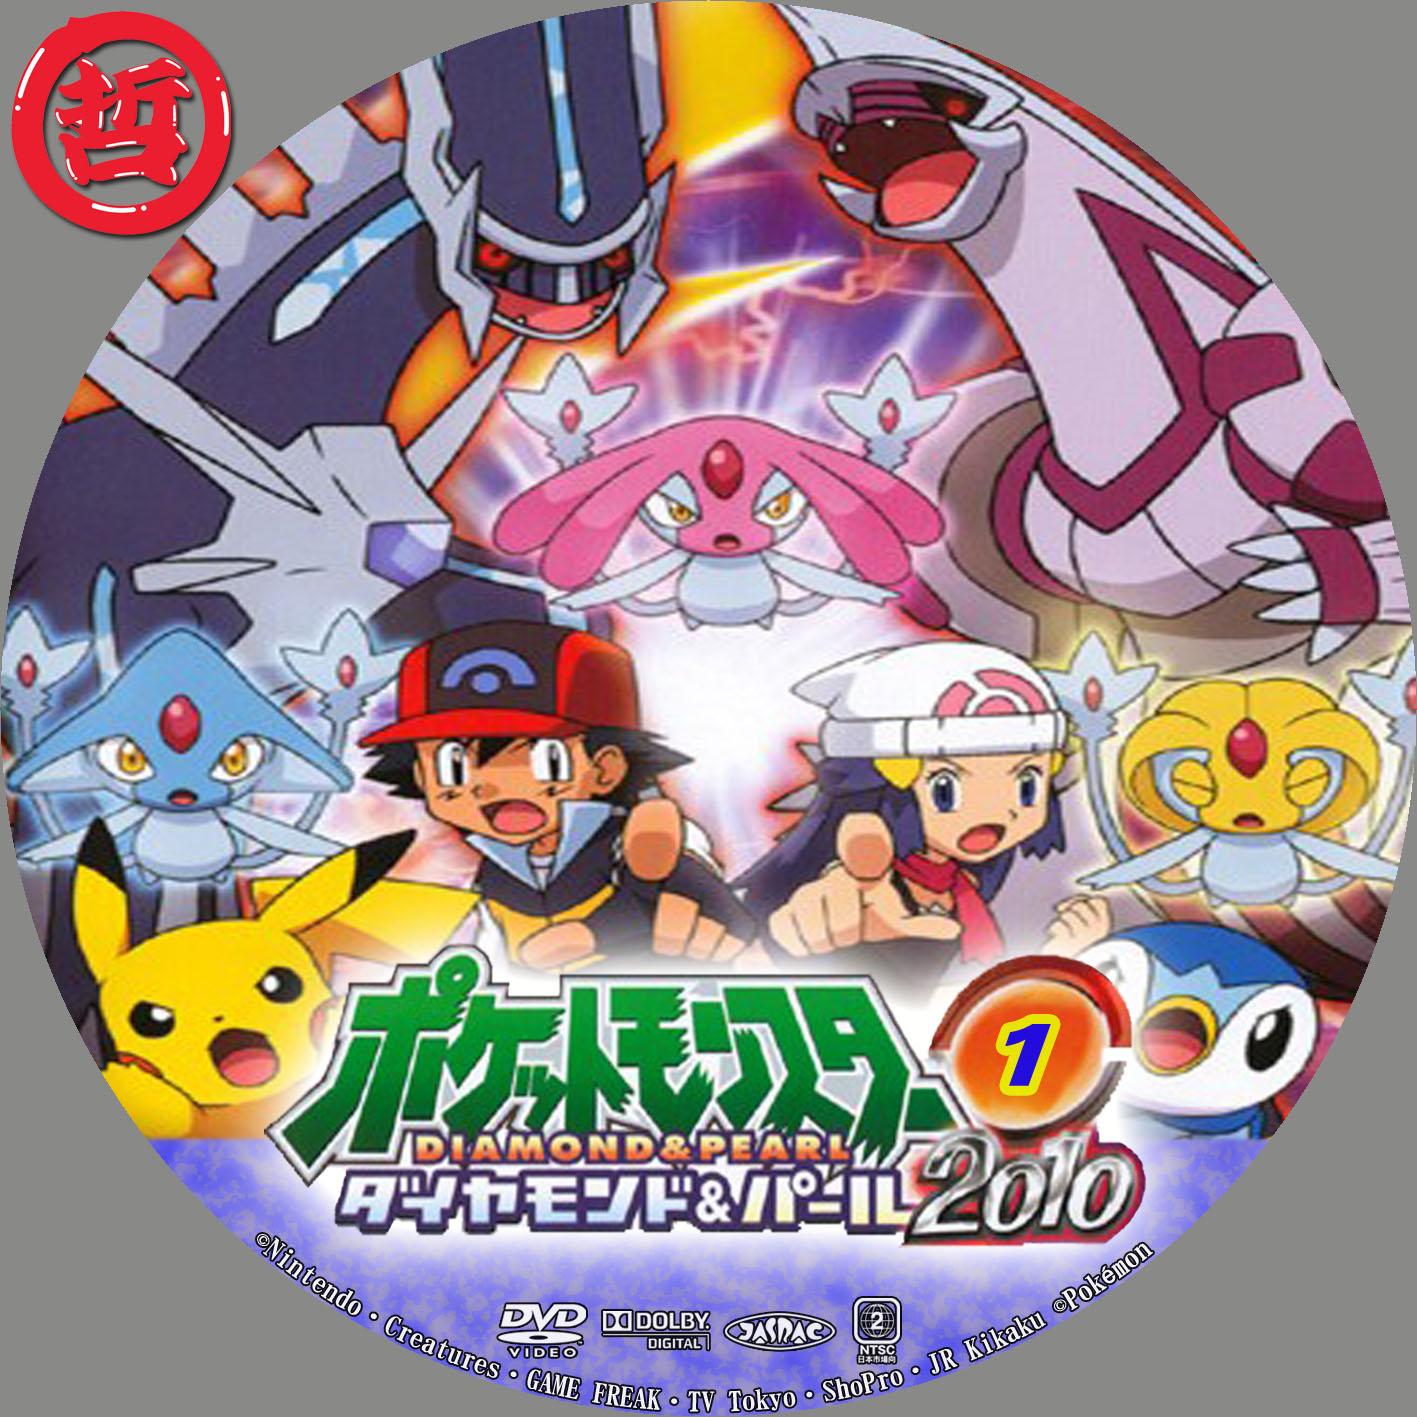 哲ヲのカスタムラベル ポケットモンスター ダイアモンドパール2010